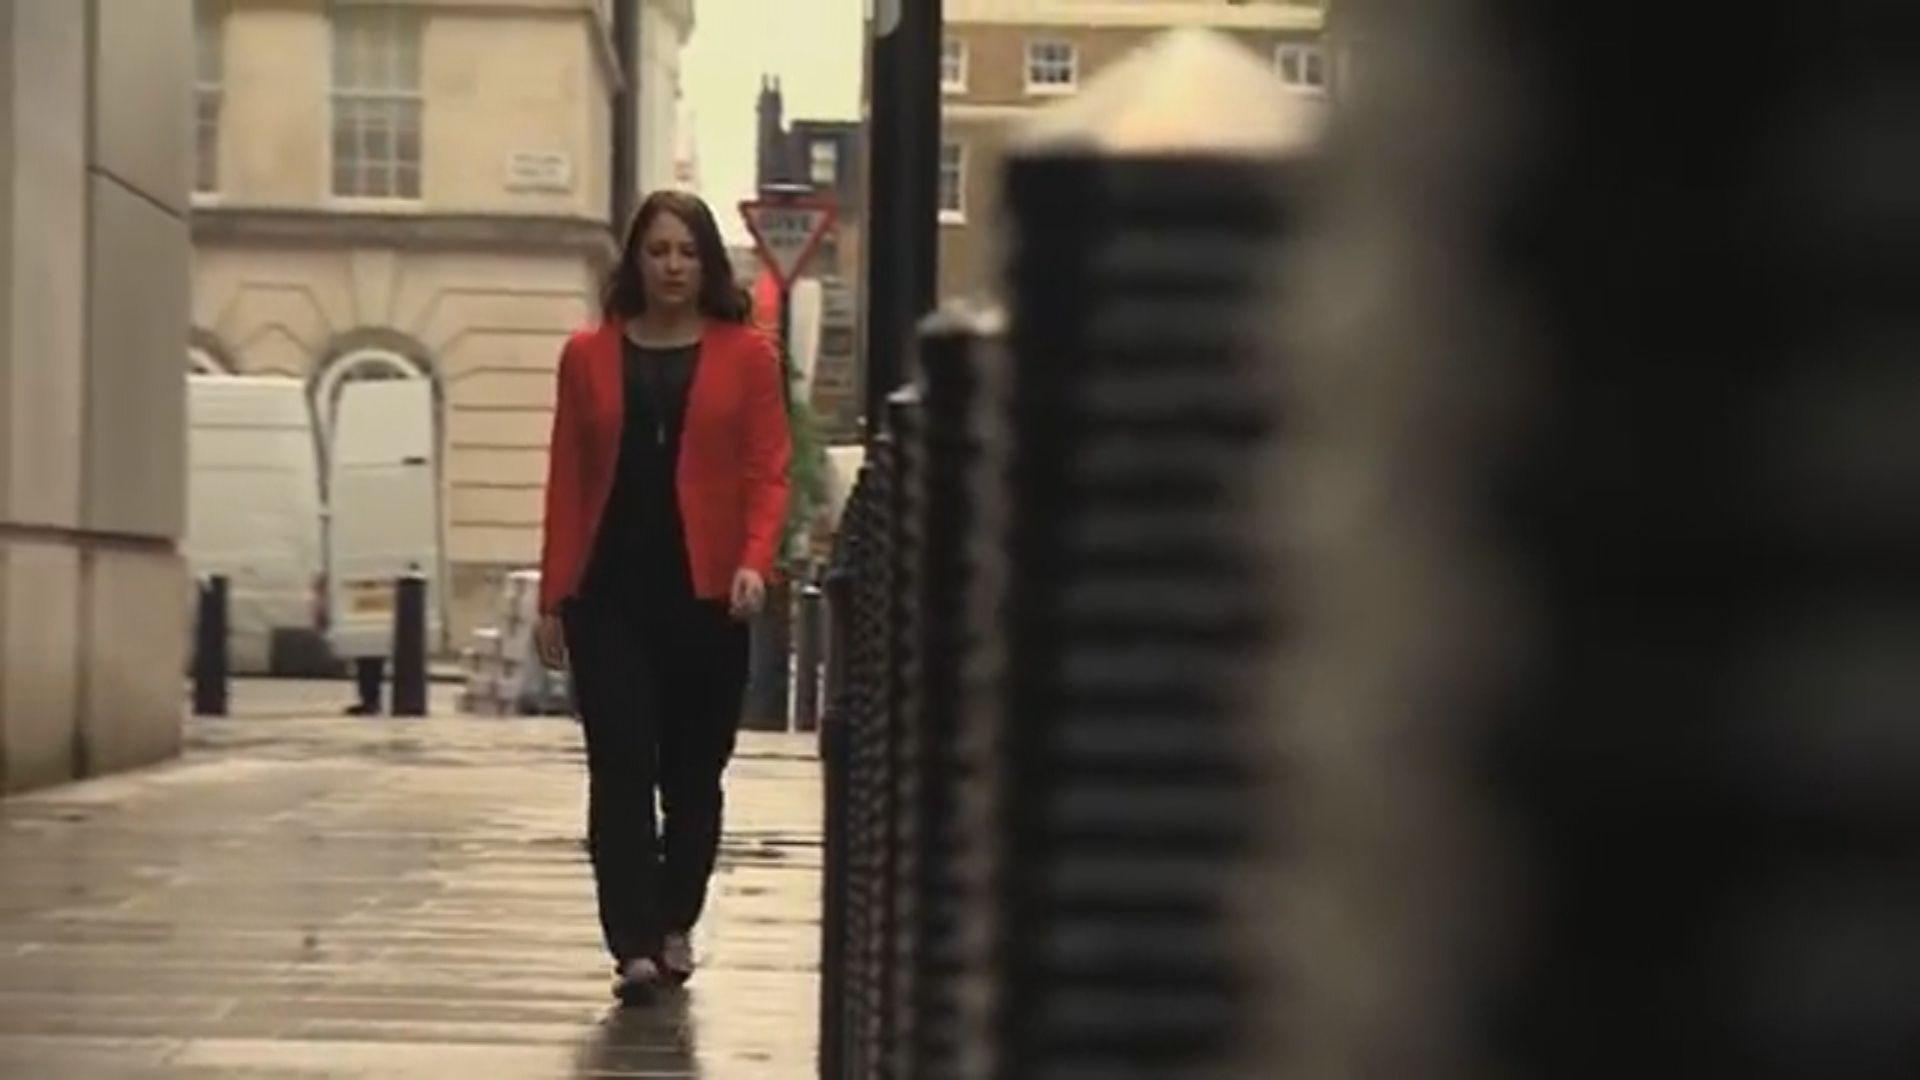 英國女子拒穿高跟鞋遭解僱發動連署